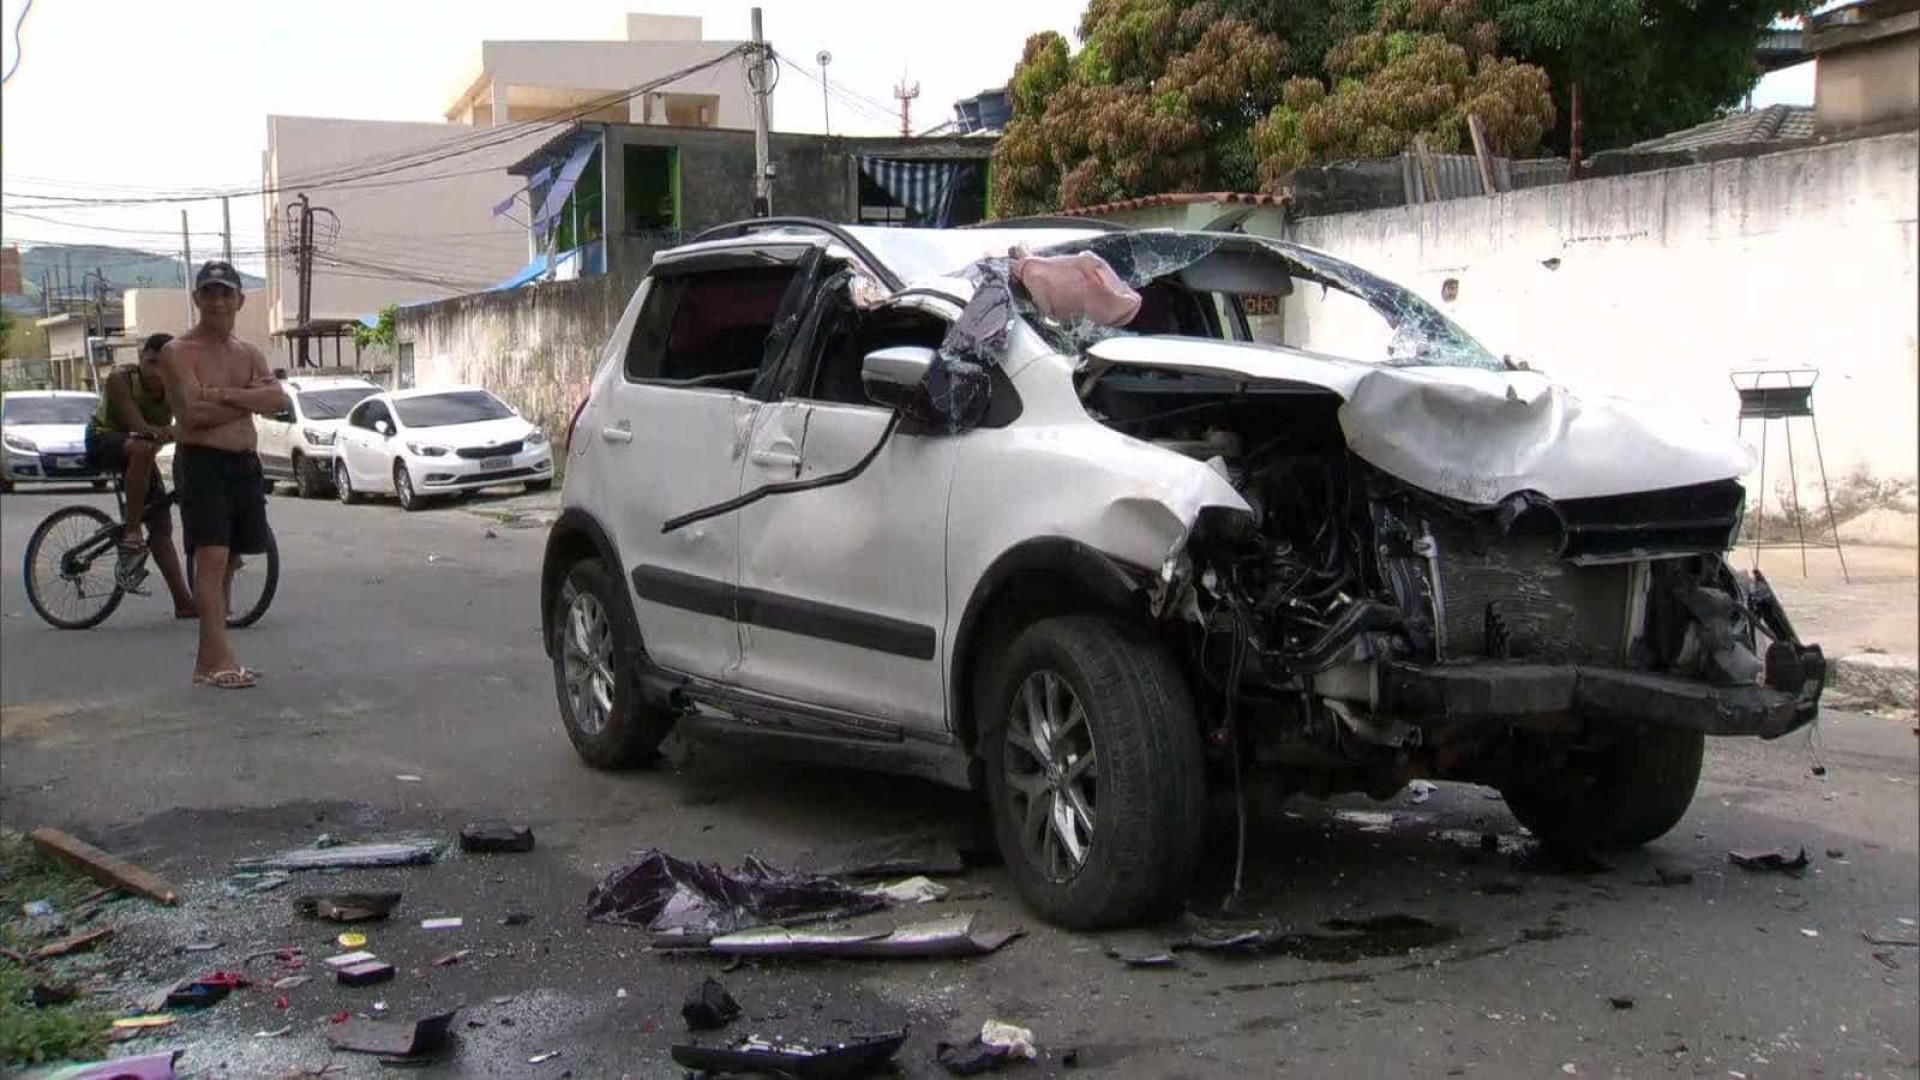 Perseguição após roubo termina com 4 mortos e 3 feridos no Rio